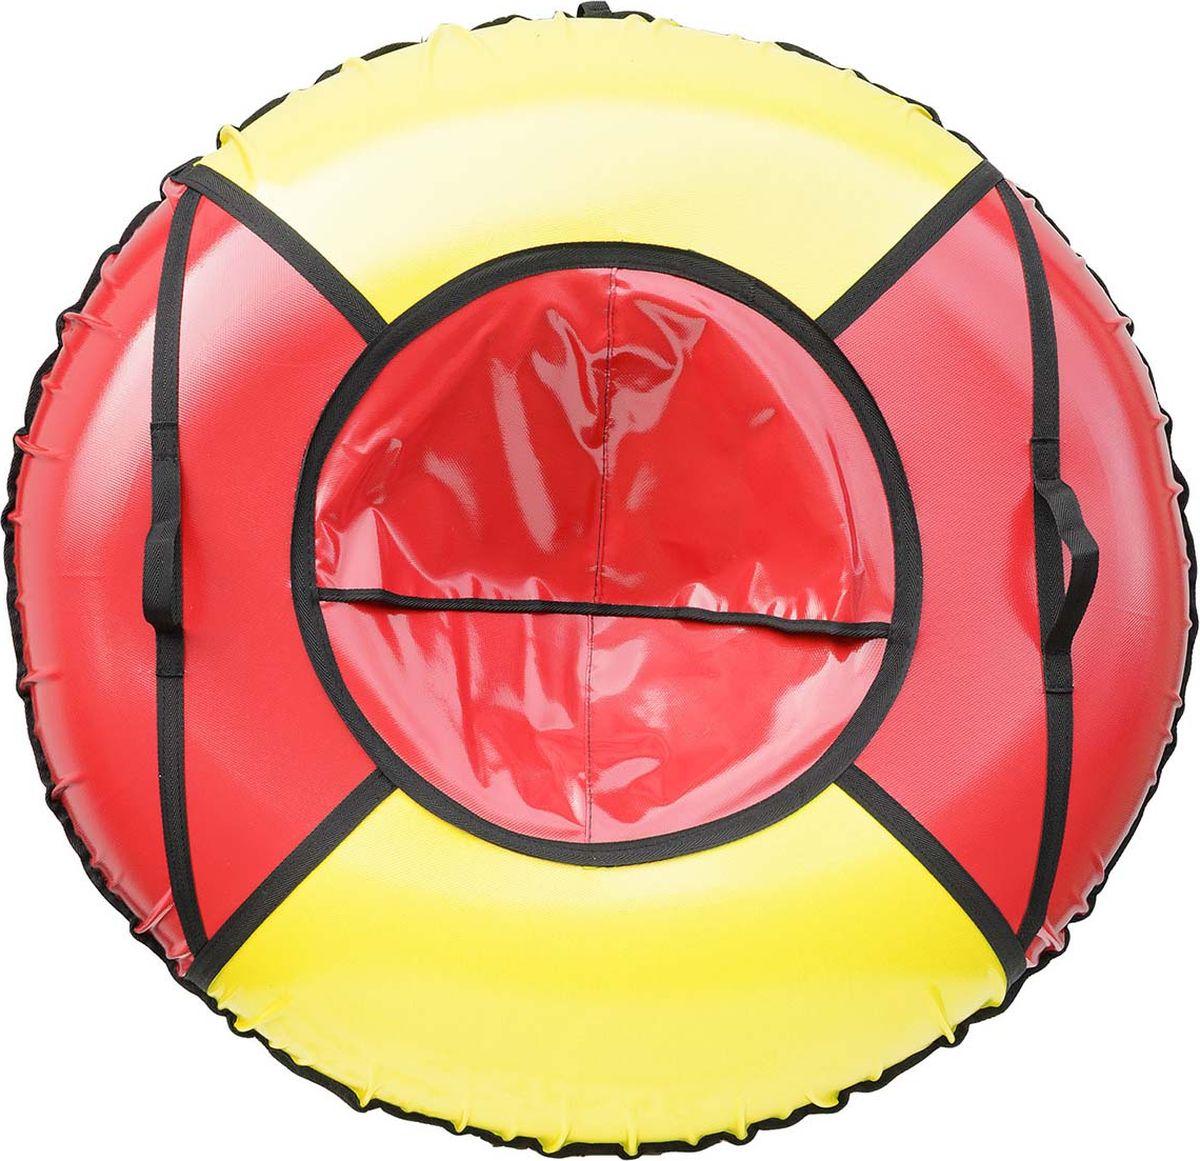 Тюбинг Эх, Прокачу! Профи-4, цвет: красный, желтый, 100 смСП100-4-1Качественные бюджетные санки-ватрушки для катания по снегу из 4 секций * размеры указаны в надутом состоянии * дно изготовлено из ткани ПВХ 630г/м2 * верх изготовлен из ткани ПВХ 630гр/м2 * камера российского производства * буксировочный ремень * морозоустойчивость -45 * допускается деформация формы санок из-за неравномерности надутия камеры